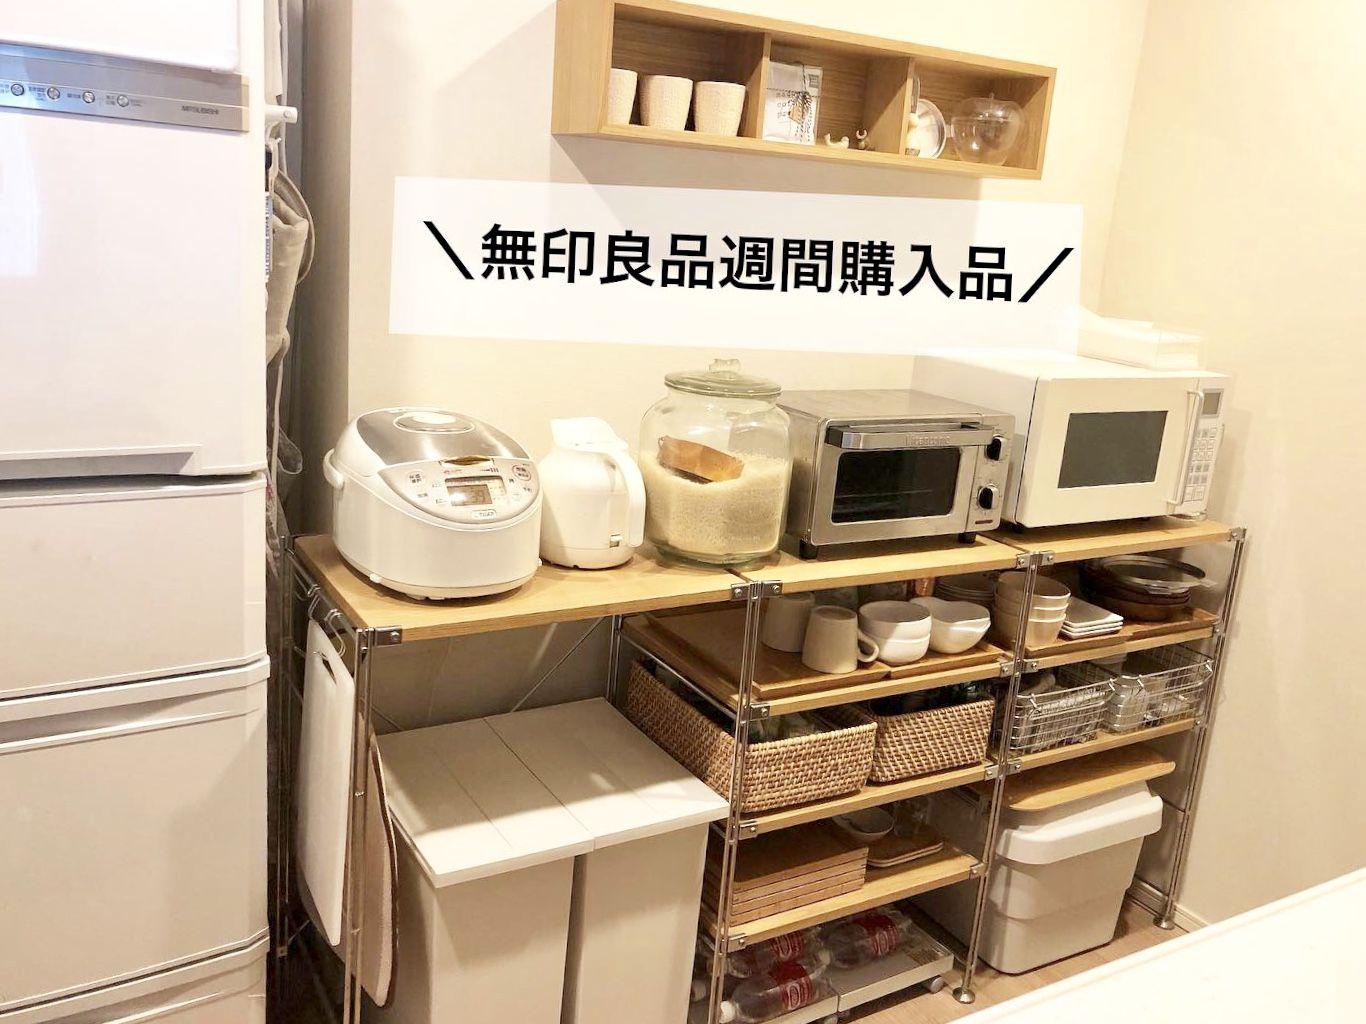 無印良品 ステンレスユニットシェルフでキッチン収納 ここからくらし 2020 ステンレスユニットシェルフ キッチン収納術 キッチン